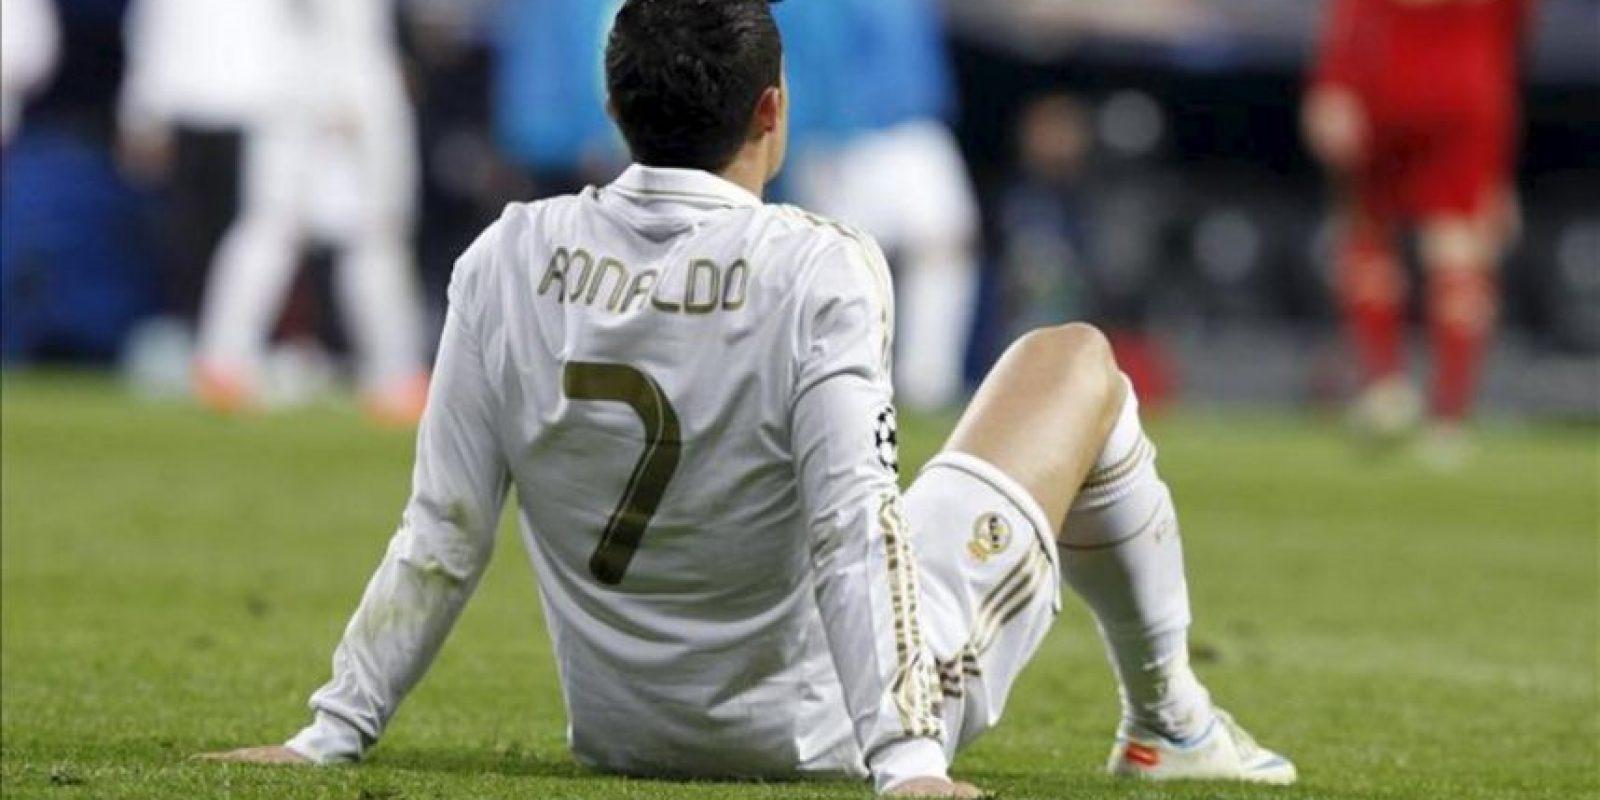 El delantero portugués del Real Madrid, Cristiano Ronaldo, descansa antes de la prórroga del partido frente al Bayern Munich en la vuelta de la semifinal de la Copa de Europa que ambos equipos disputan esta noche en el estadio Santiago Bernabéu. EFE